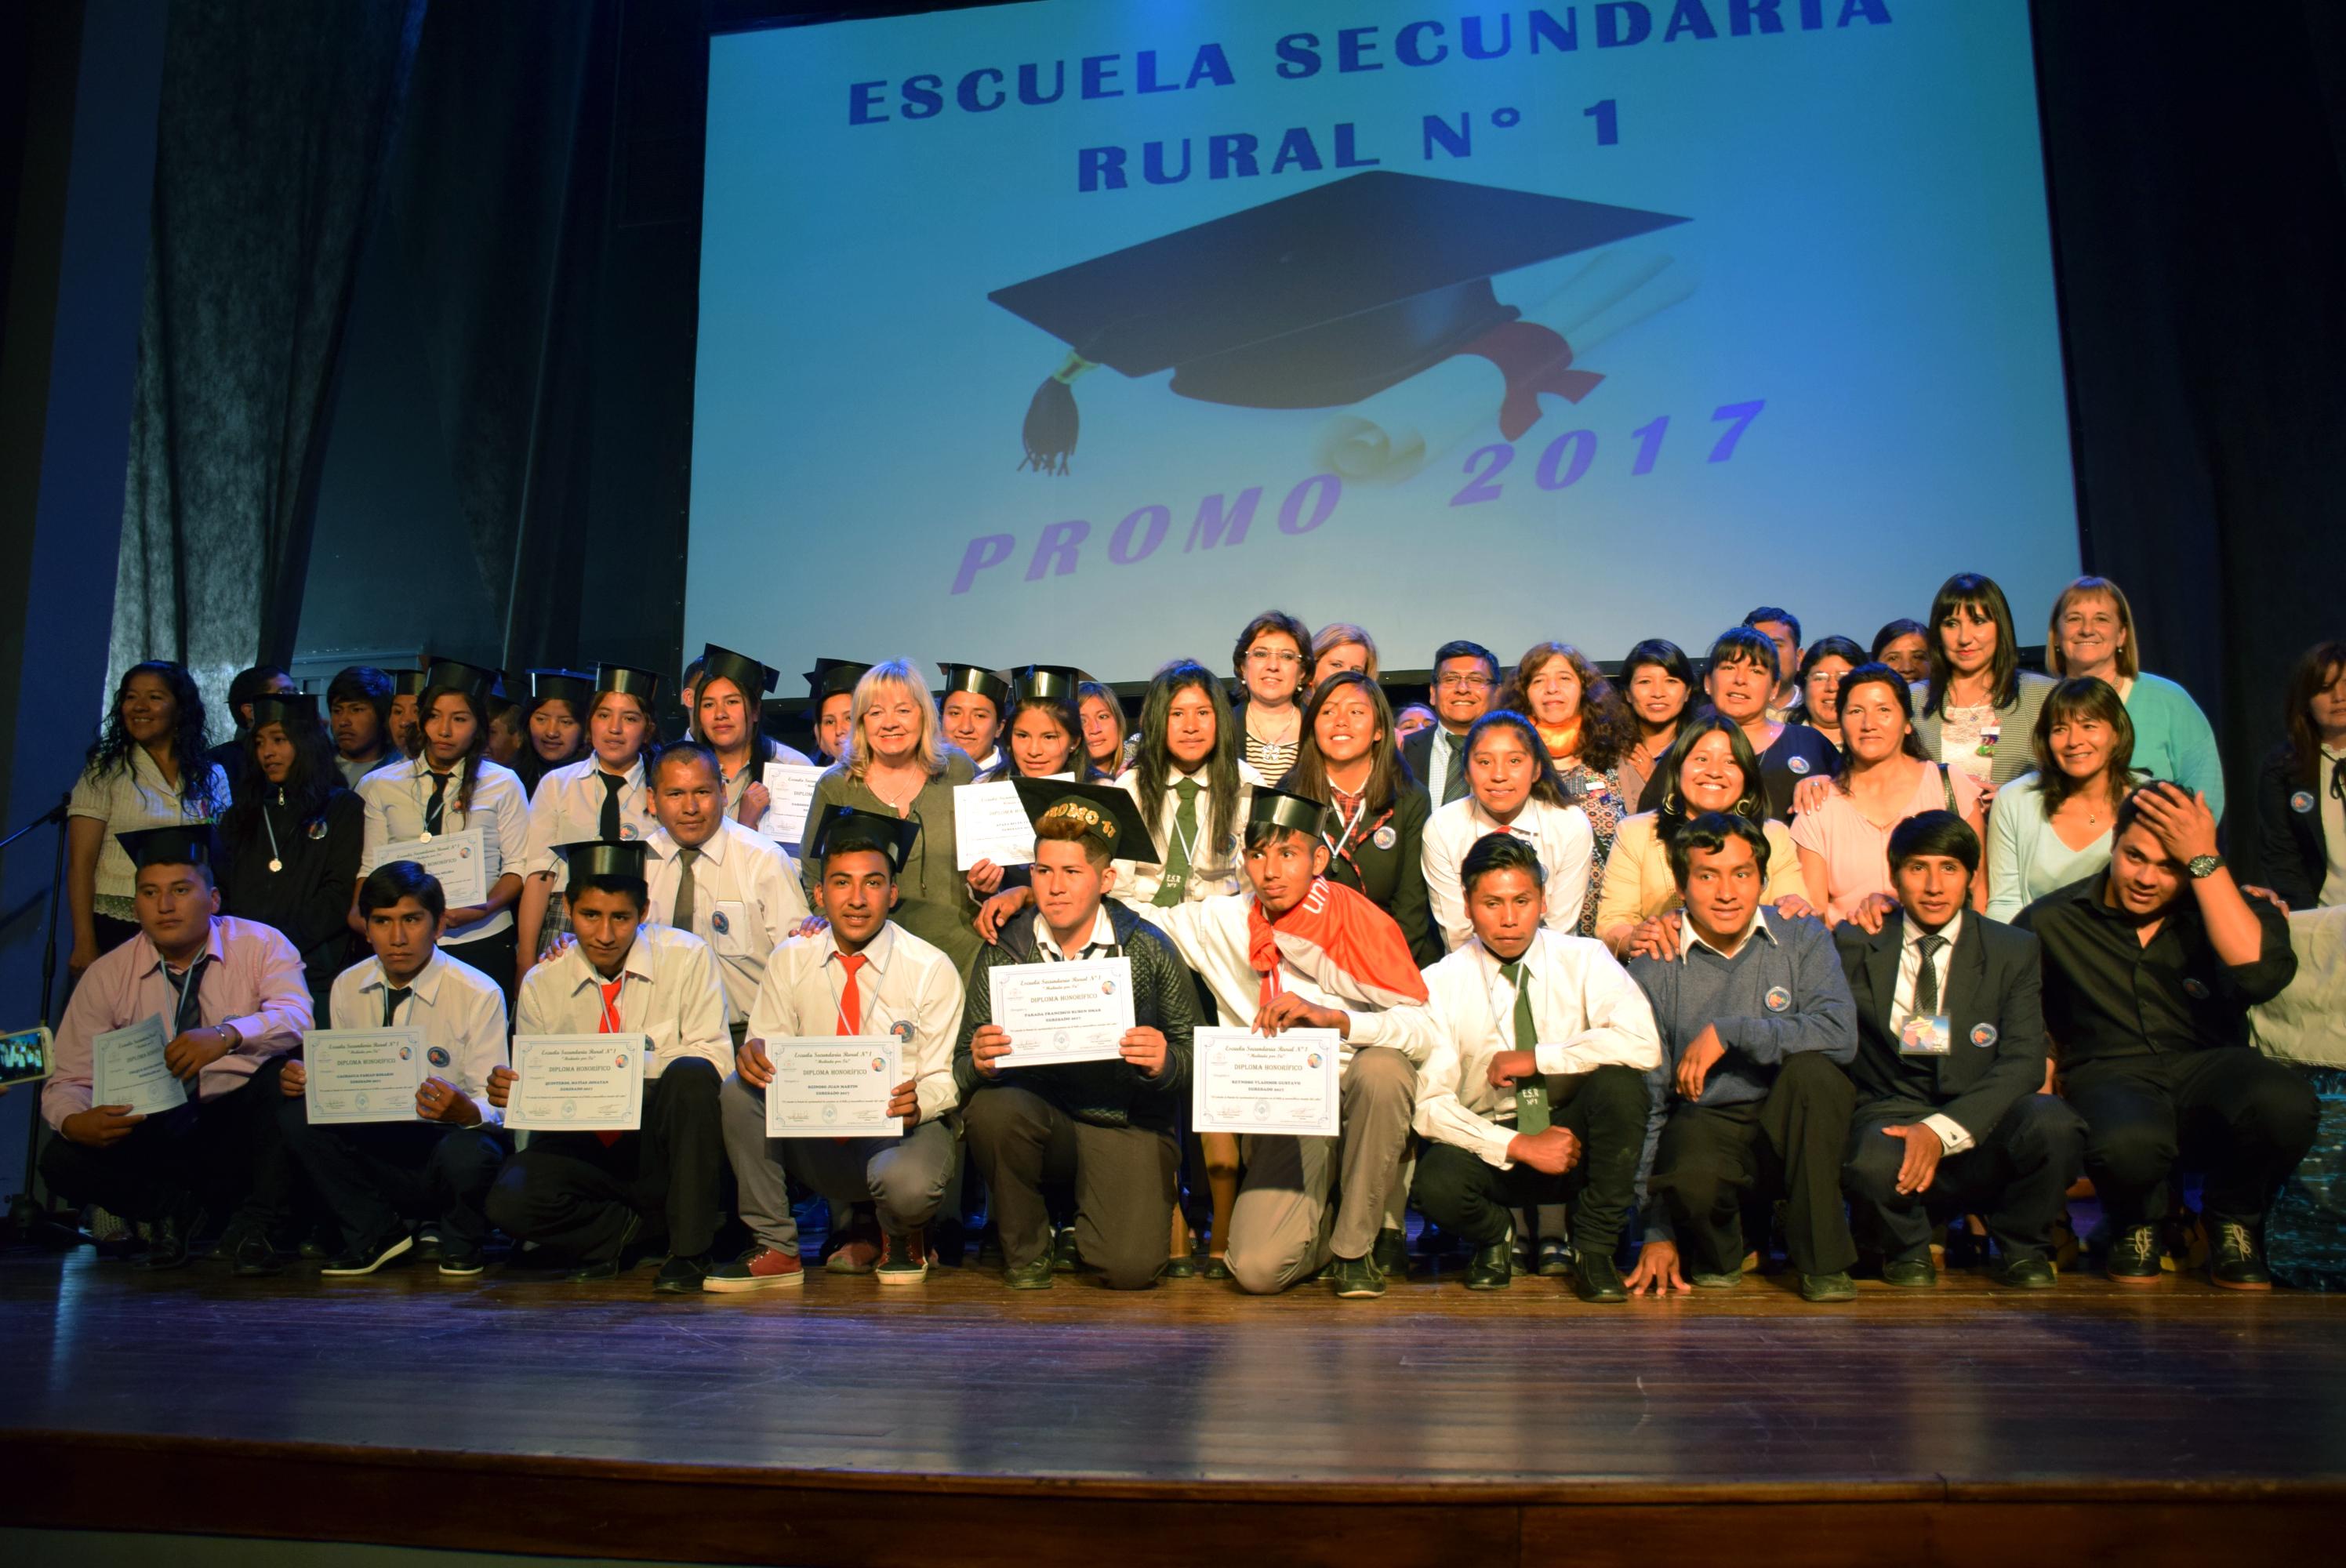 La Escuela Secundaria Rural Nº 1, mediada con entornos virtuales y sedes en alejadas localidades del territorio provincial, llevó a cabo el acto de colación de la primera promoción 2017. Noviembre 2017